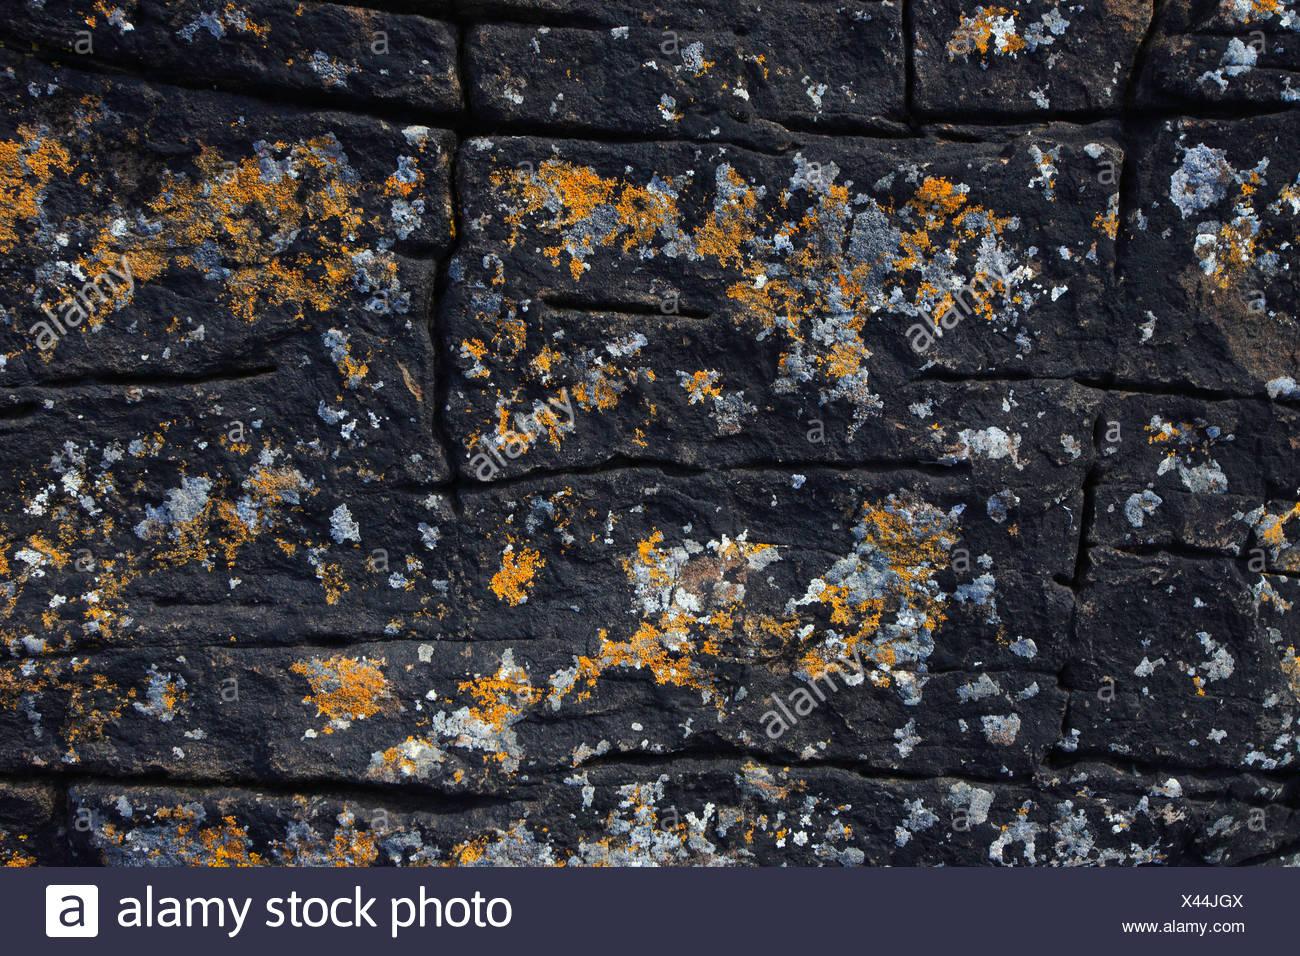 Detail, Steilküste, Küste, Muster, Schottland, Stein, abstrakte, bunten, grafischen, Orange, Flechten, Schottisch Stockbild